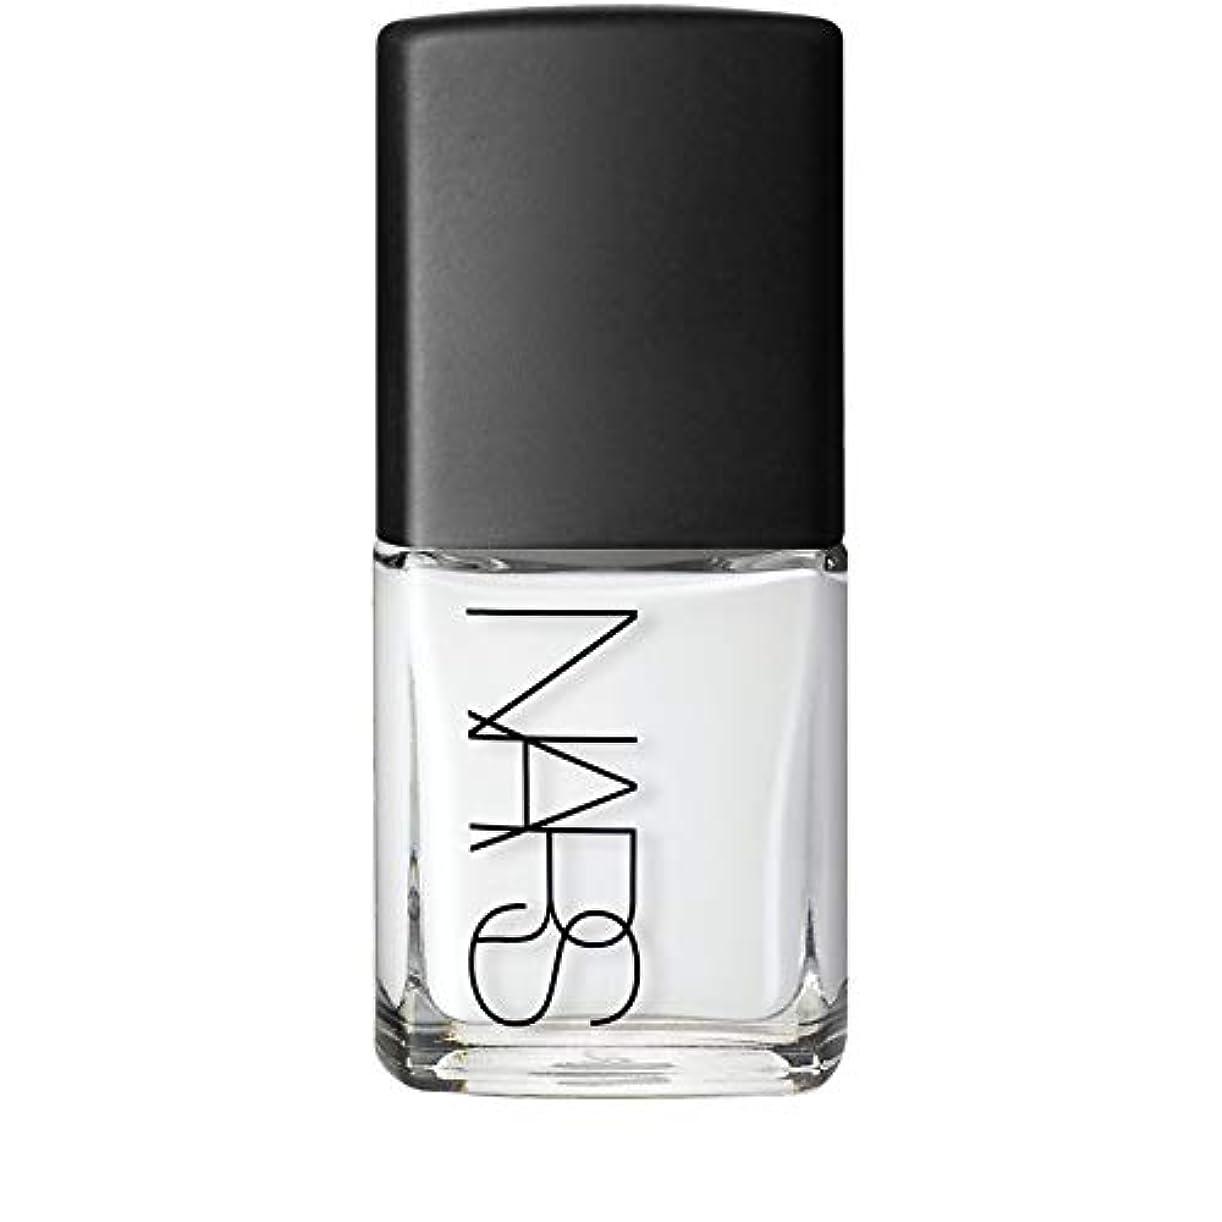 ほこりっぽいクリックドライバ[Nars] Ecume白ネイルポリッシュのNar - Nars Nail Polish in Ecume White [並行輸入品]